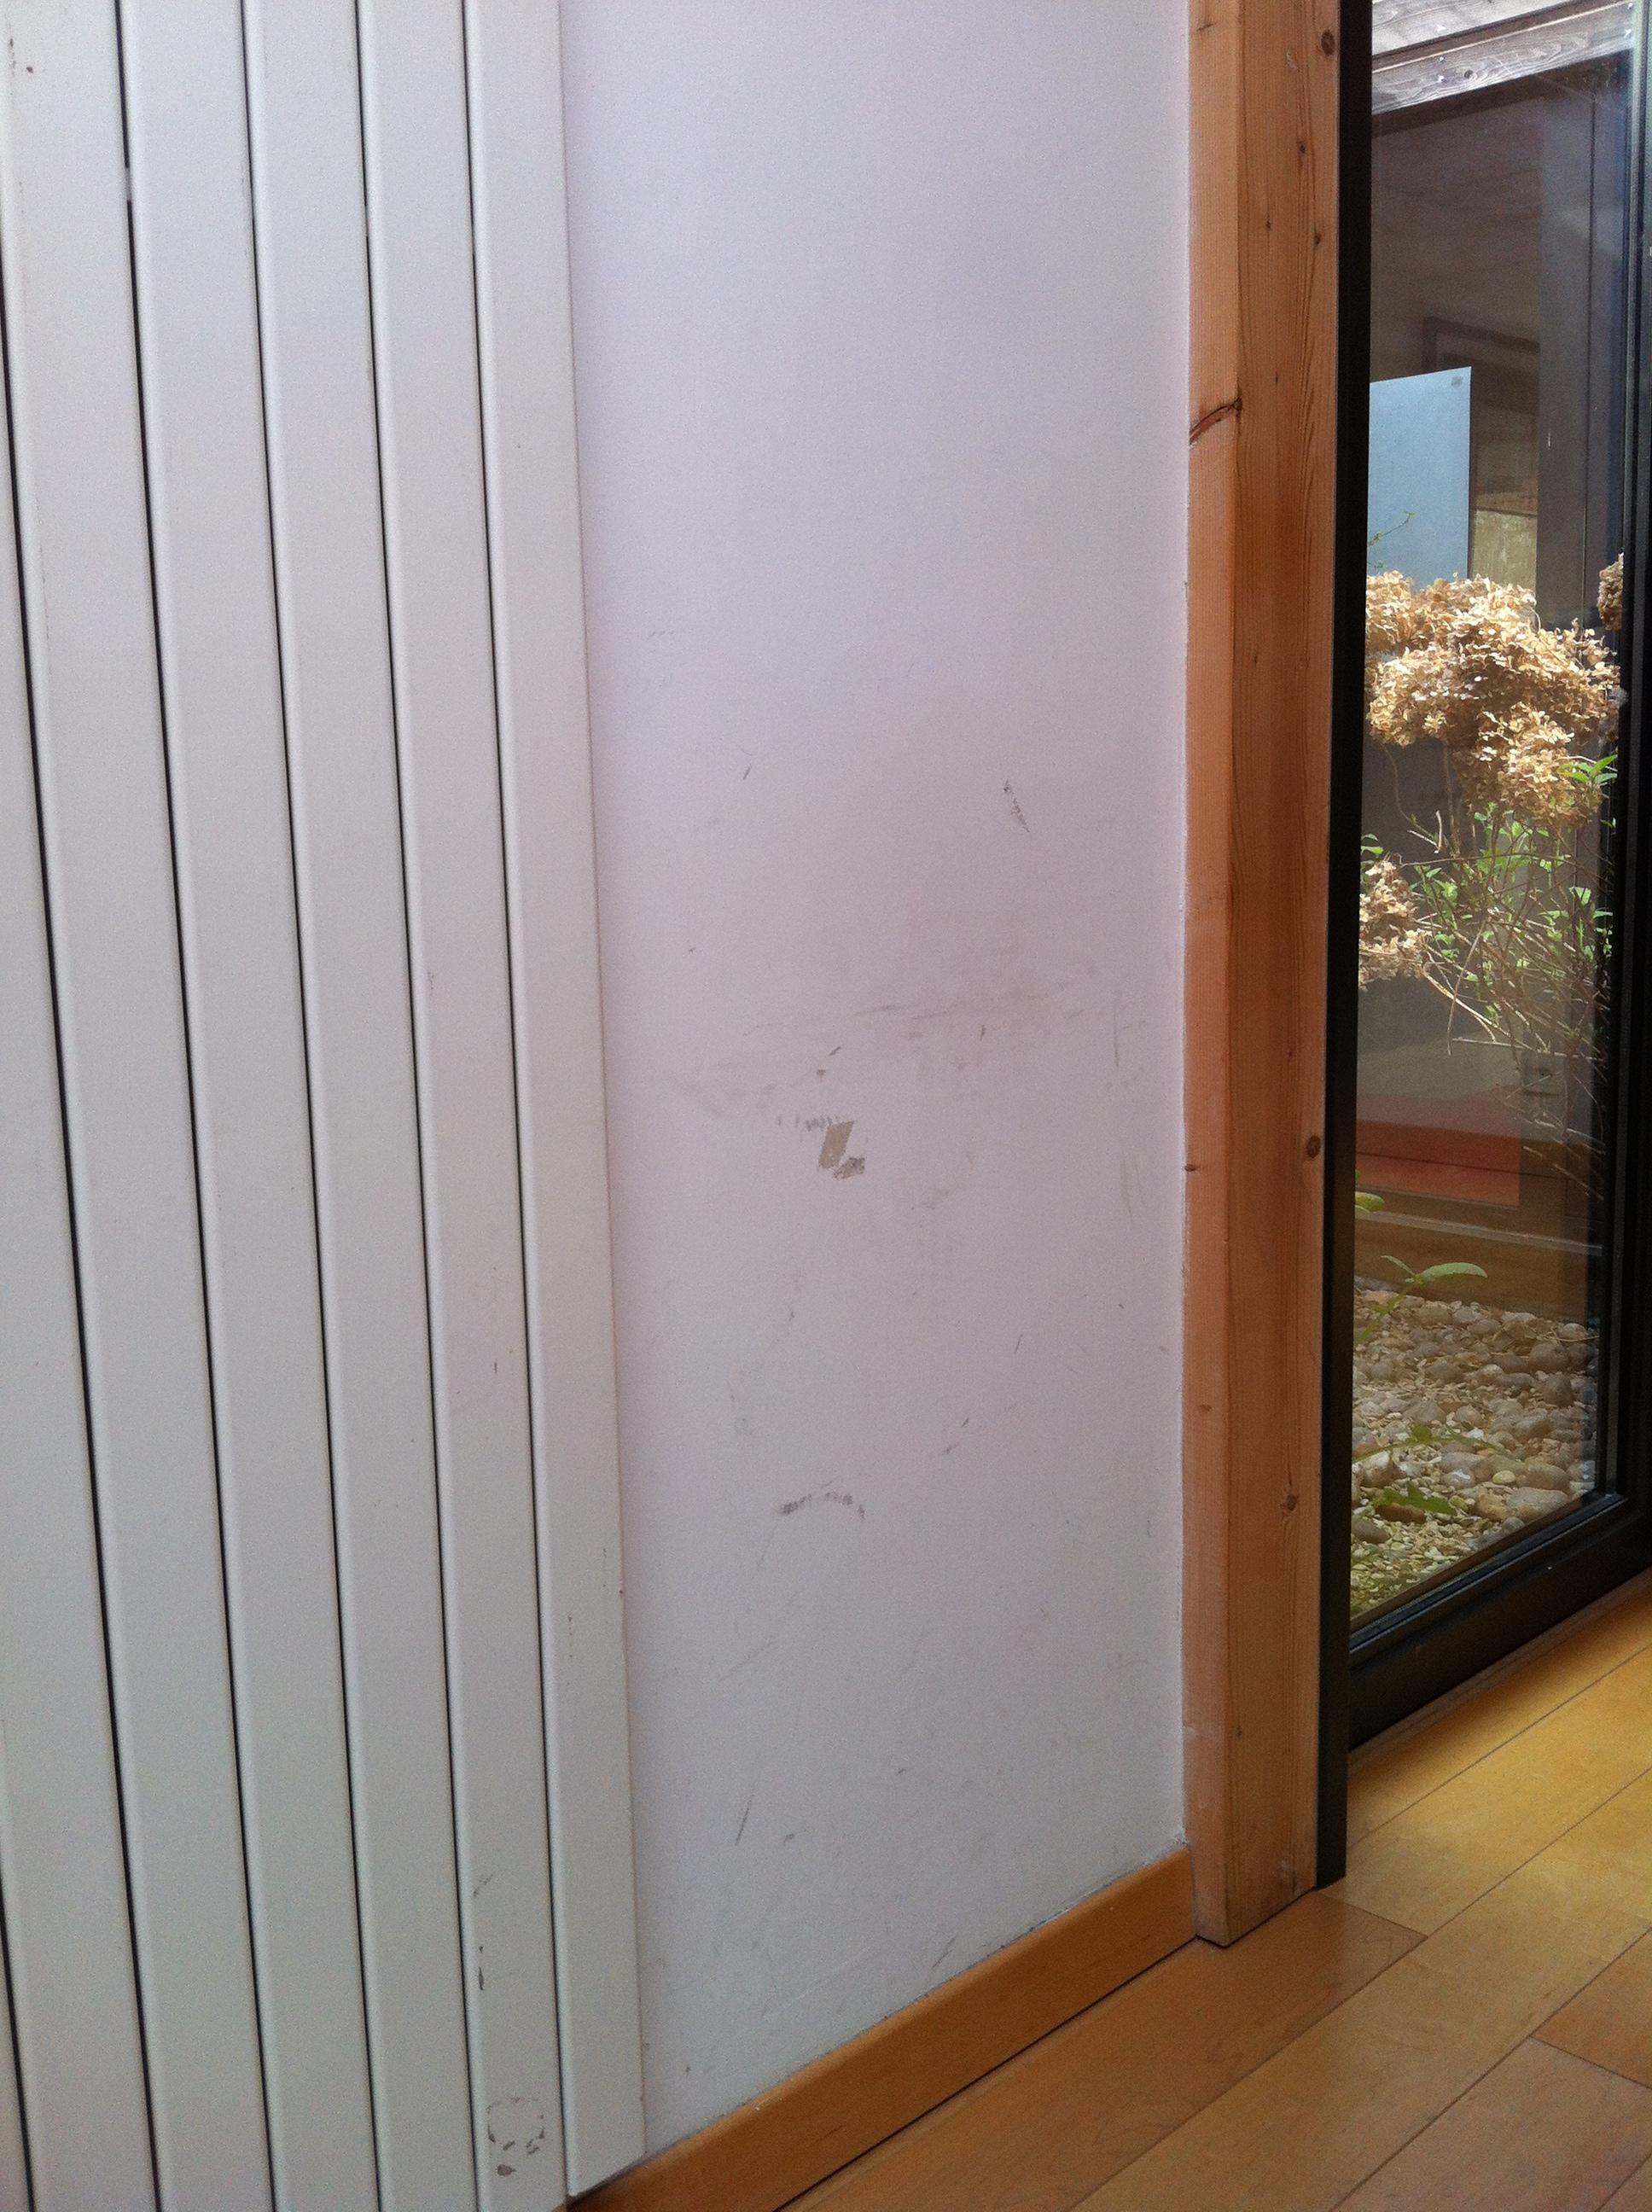 Cacher Trou Carrelage Salle De Bain comment cacher un défaut sur un mur ? « décore la vie !